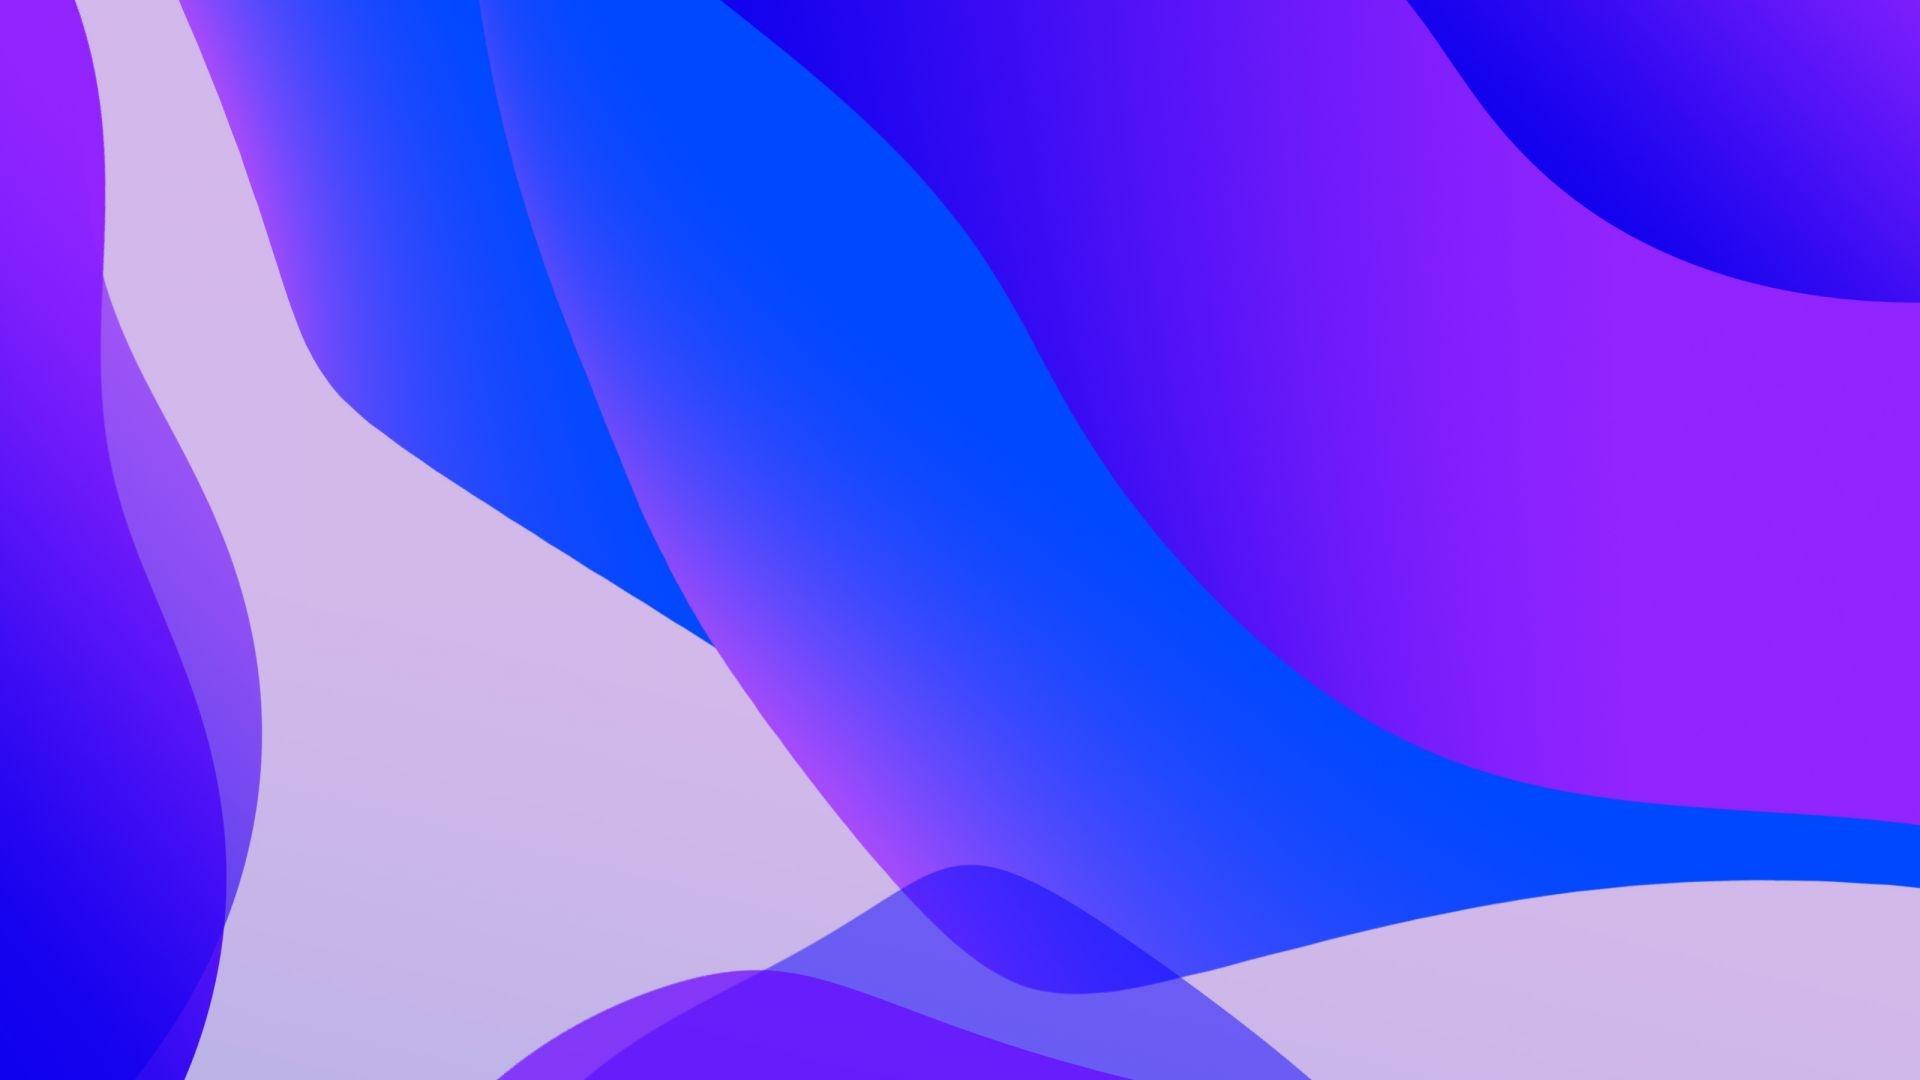 Ios 13 Liquid cool background